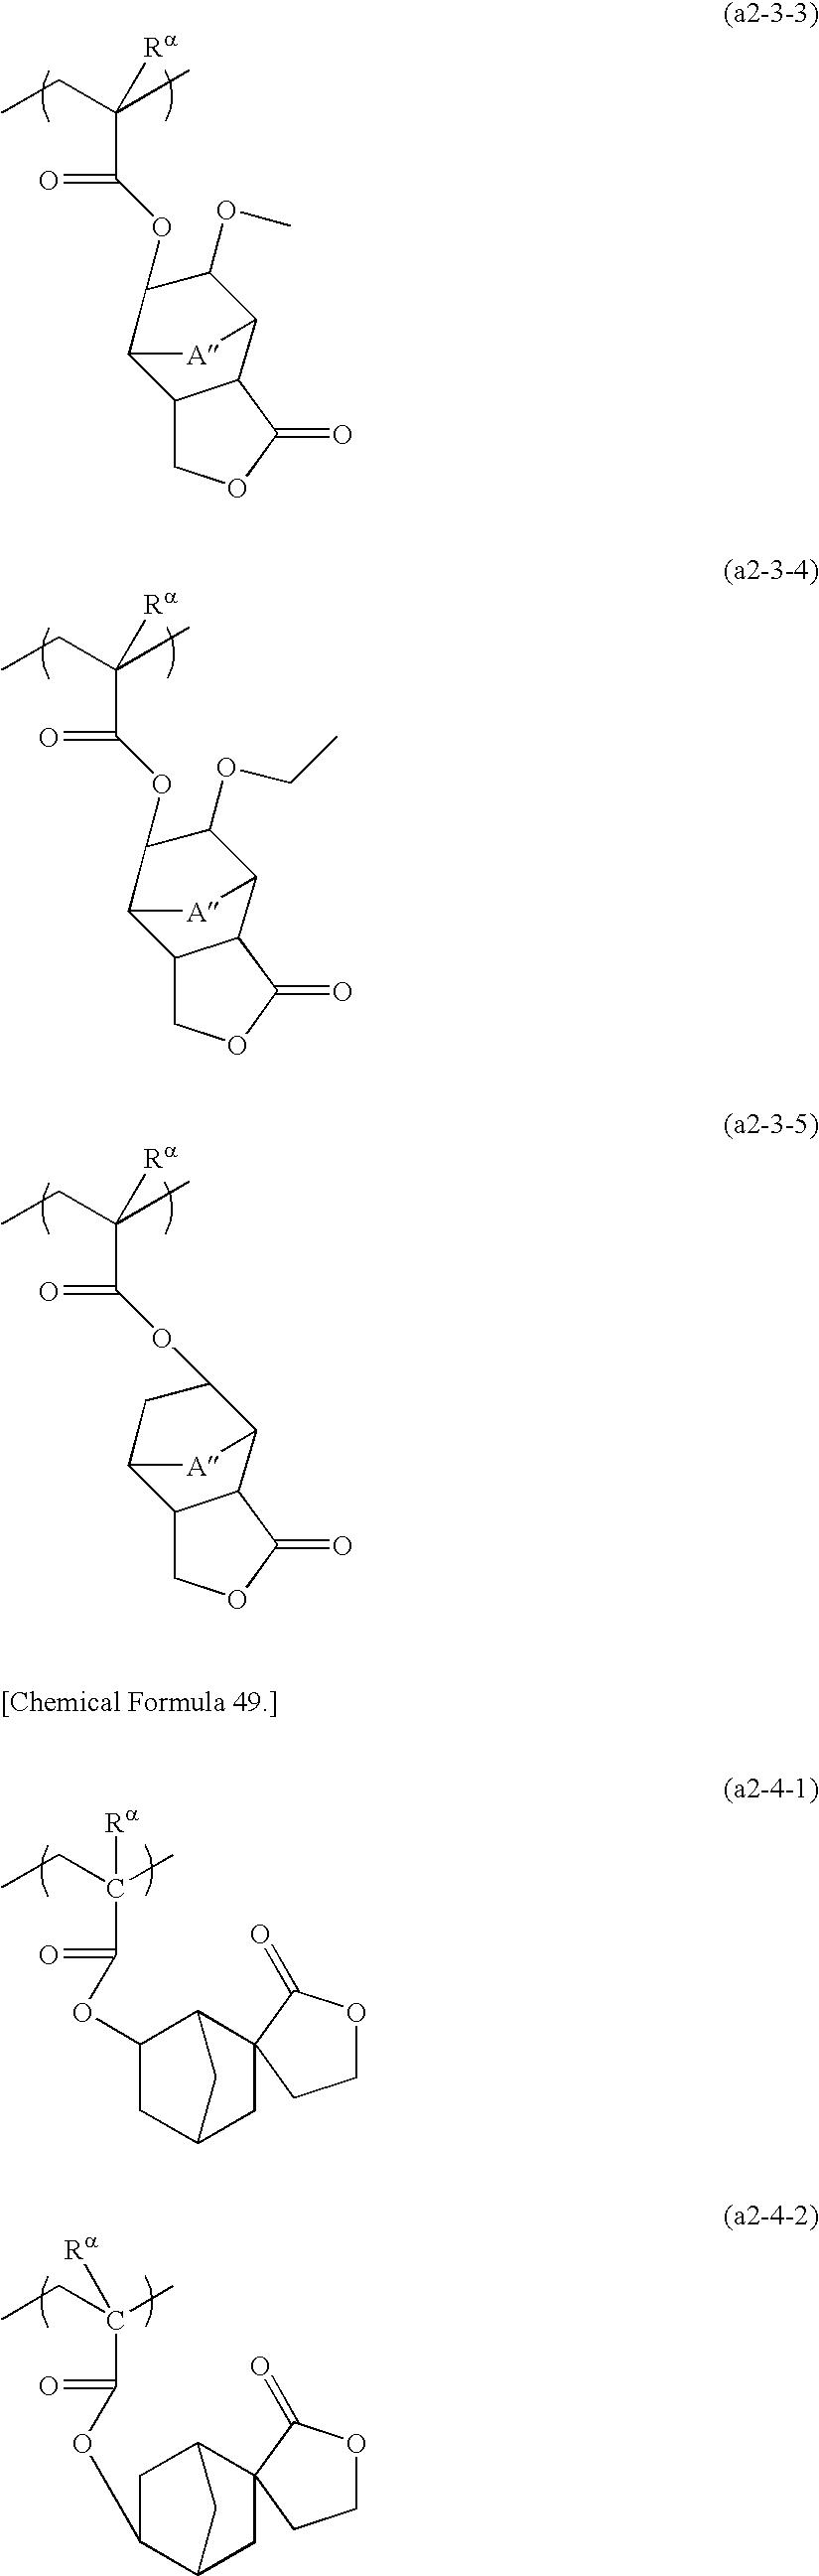 Figure US20100196821A1-20100805-C00074